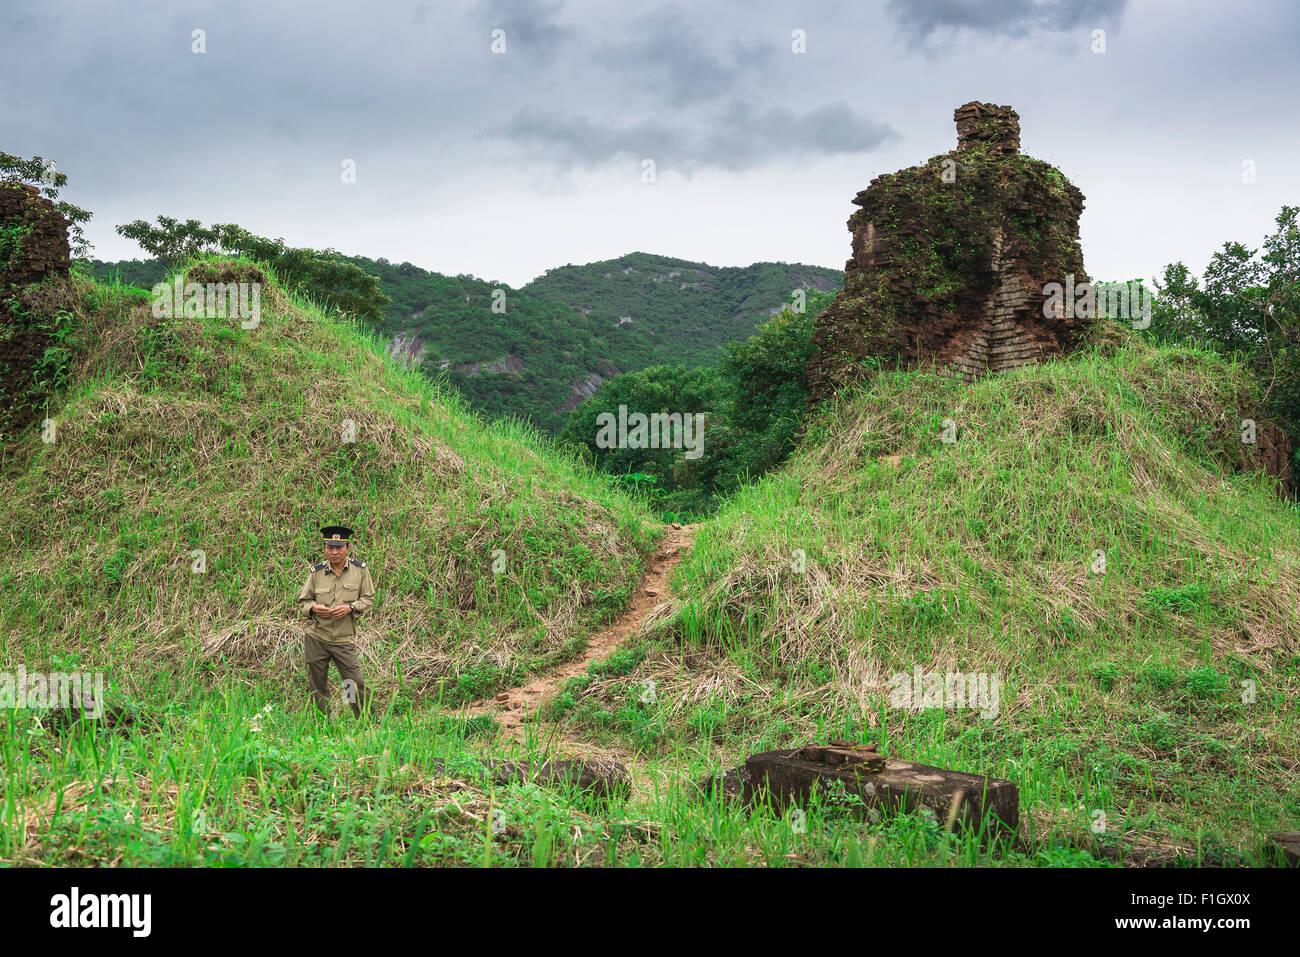 Mon fils du Vietnam, le complexe du temple en ruines Cham de My Son, dans le centre du Vietnam est une destination Photo Stock